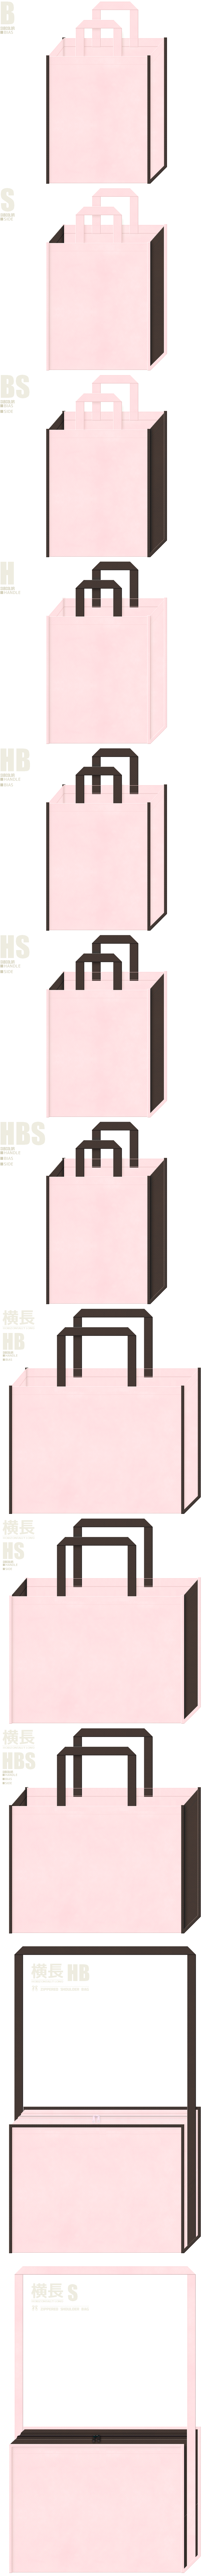 桜色とこげ茶色、7パターンの不織布トートバッグ配色デザイン例。女子学校・オープンキャンパスにお奨めです。